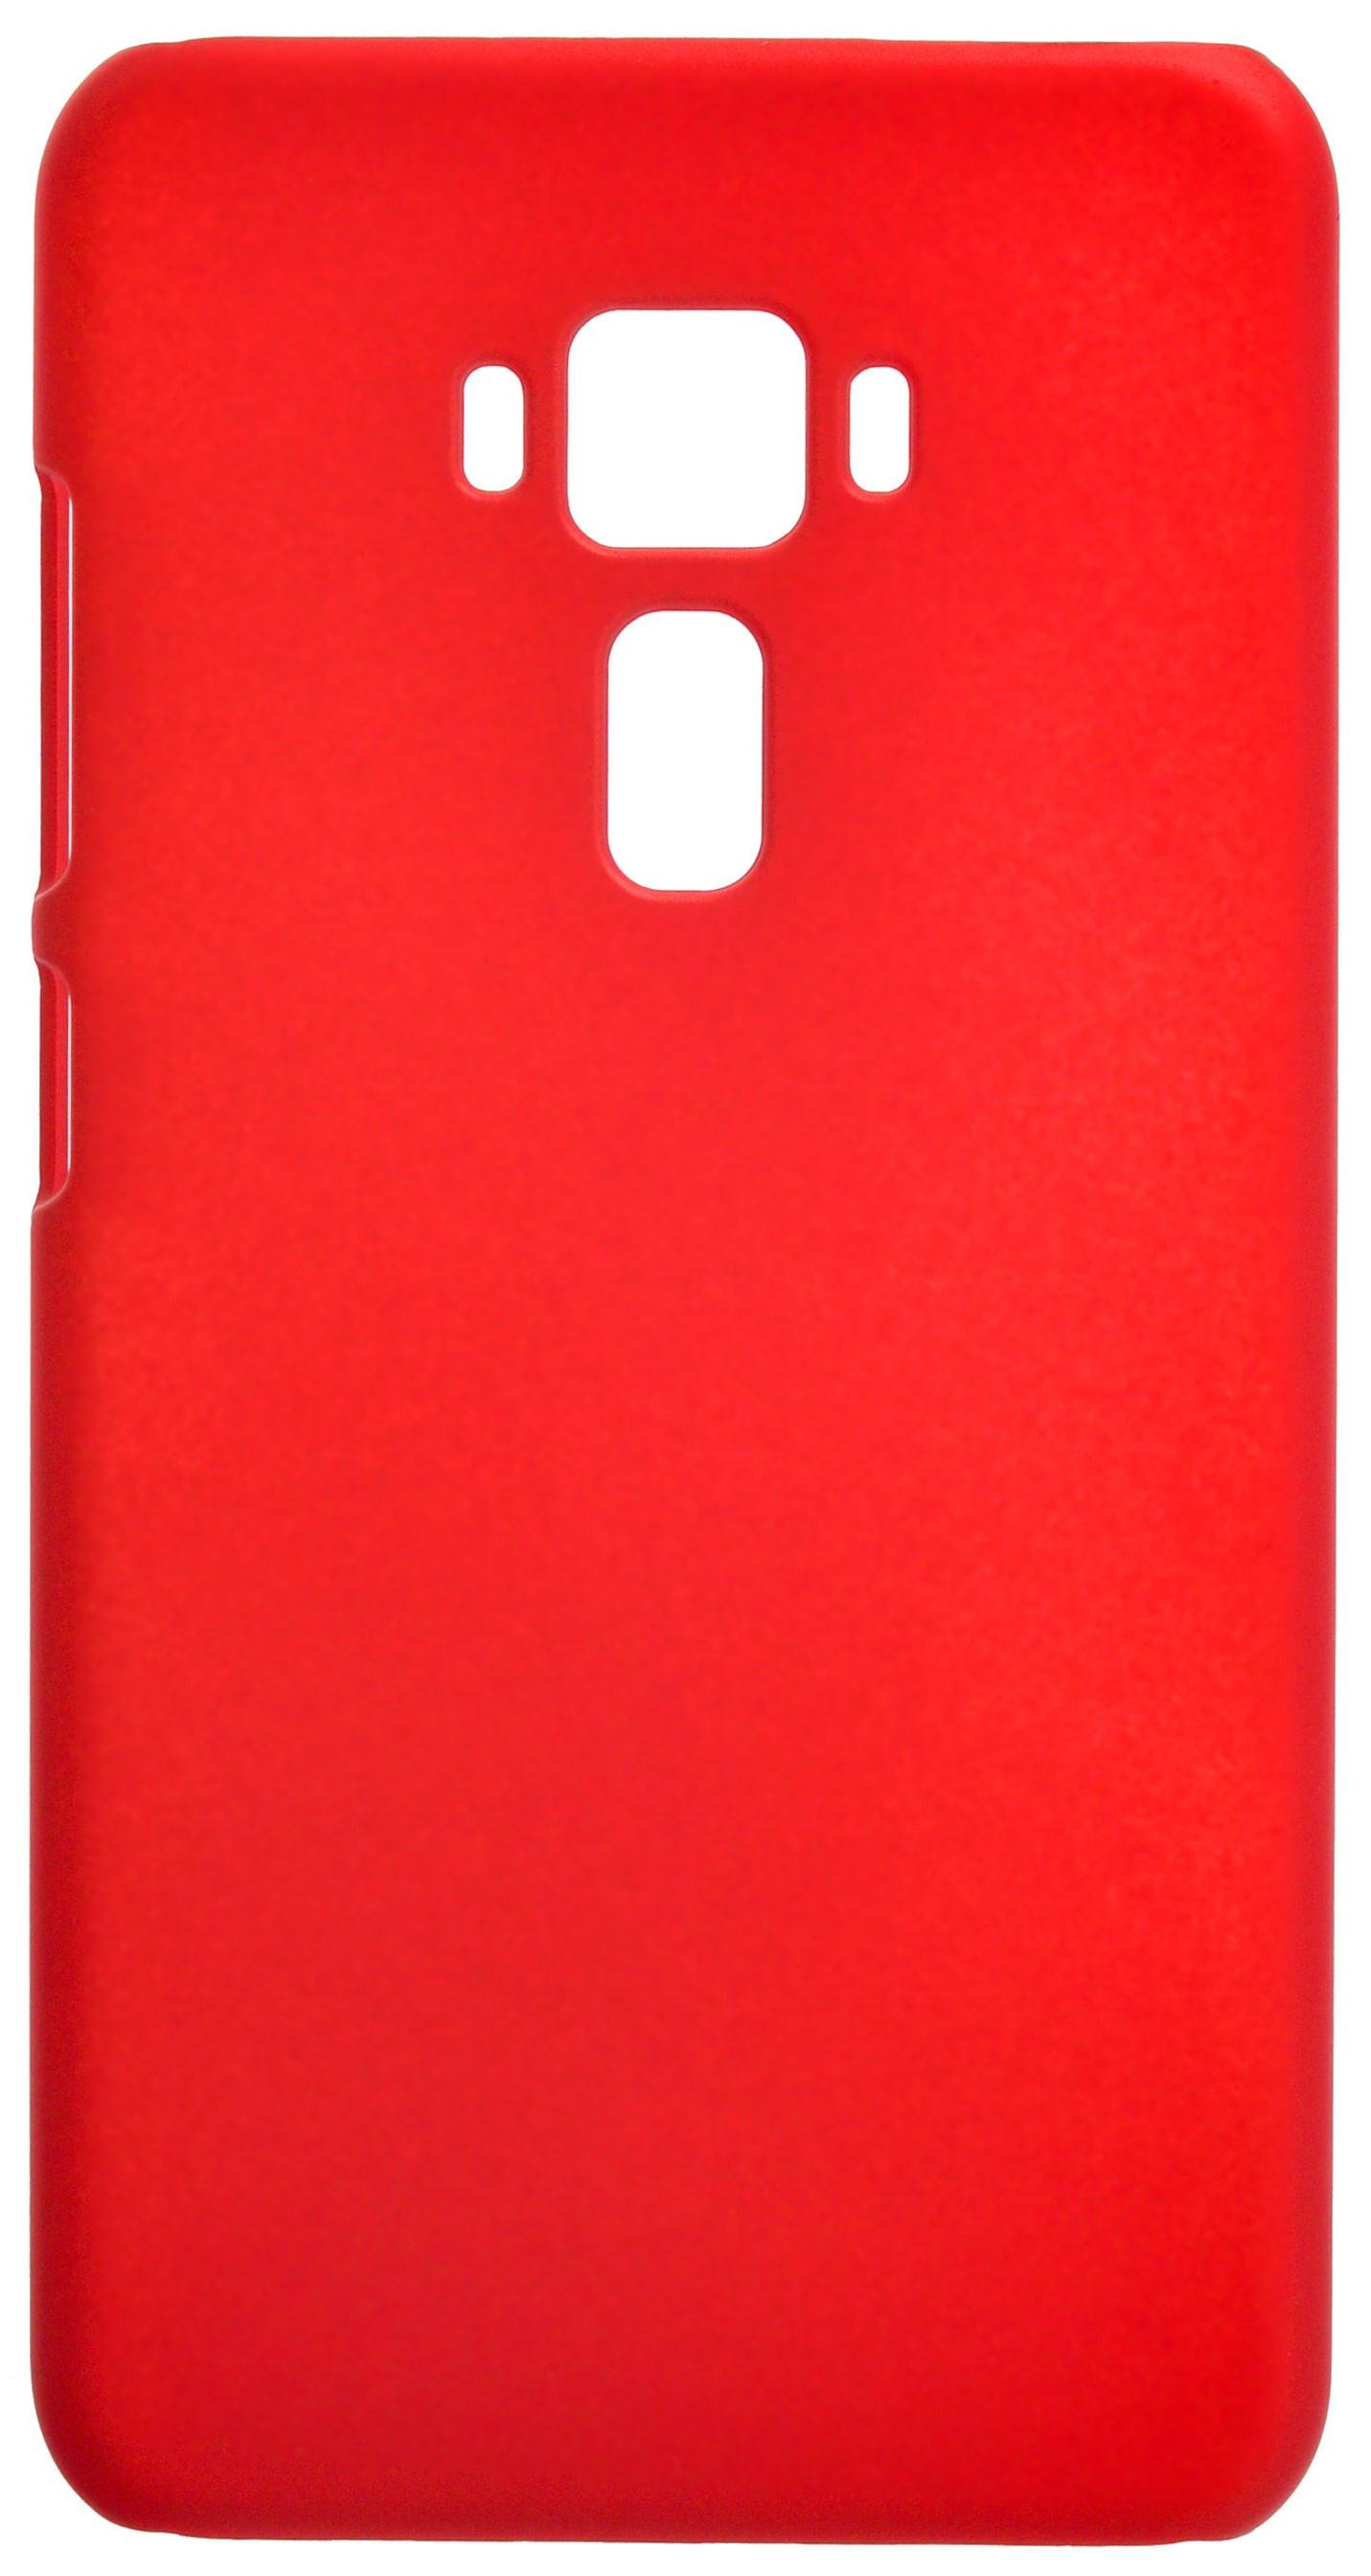 Чехол для сотового телефона skinBOX 4People, 4630042524804, красный цена